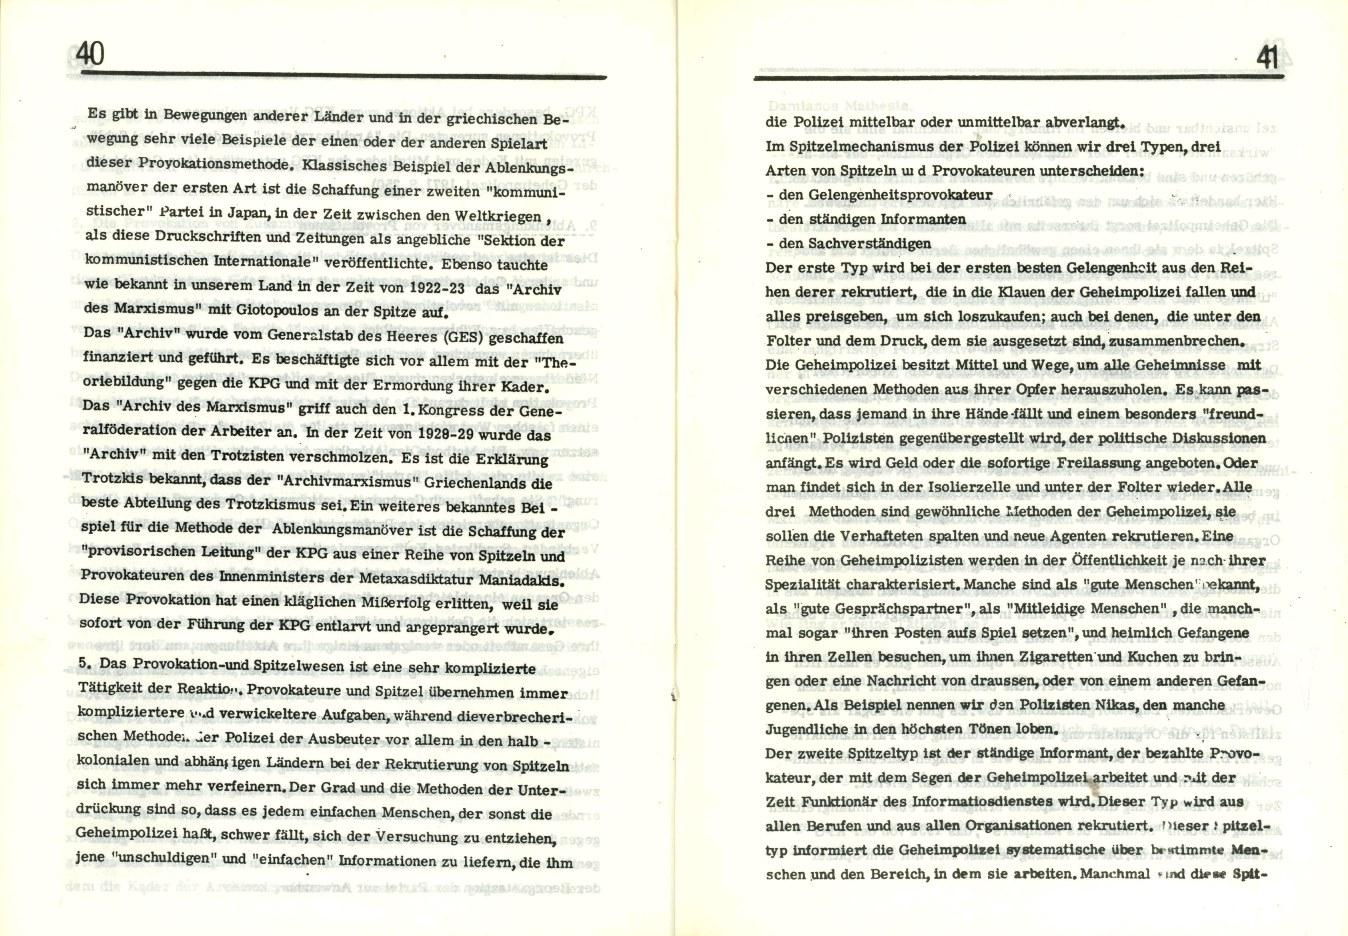 Griechenland_Griechische_ML_1971_Dokumente_01_21